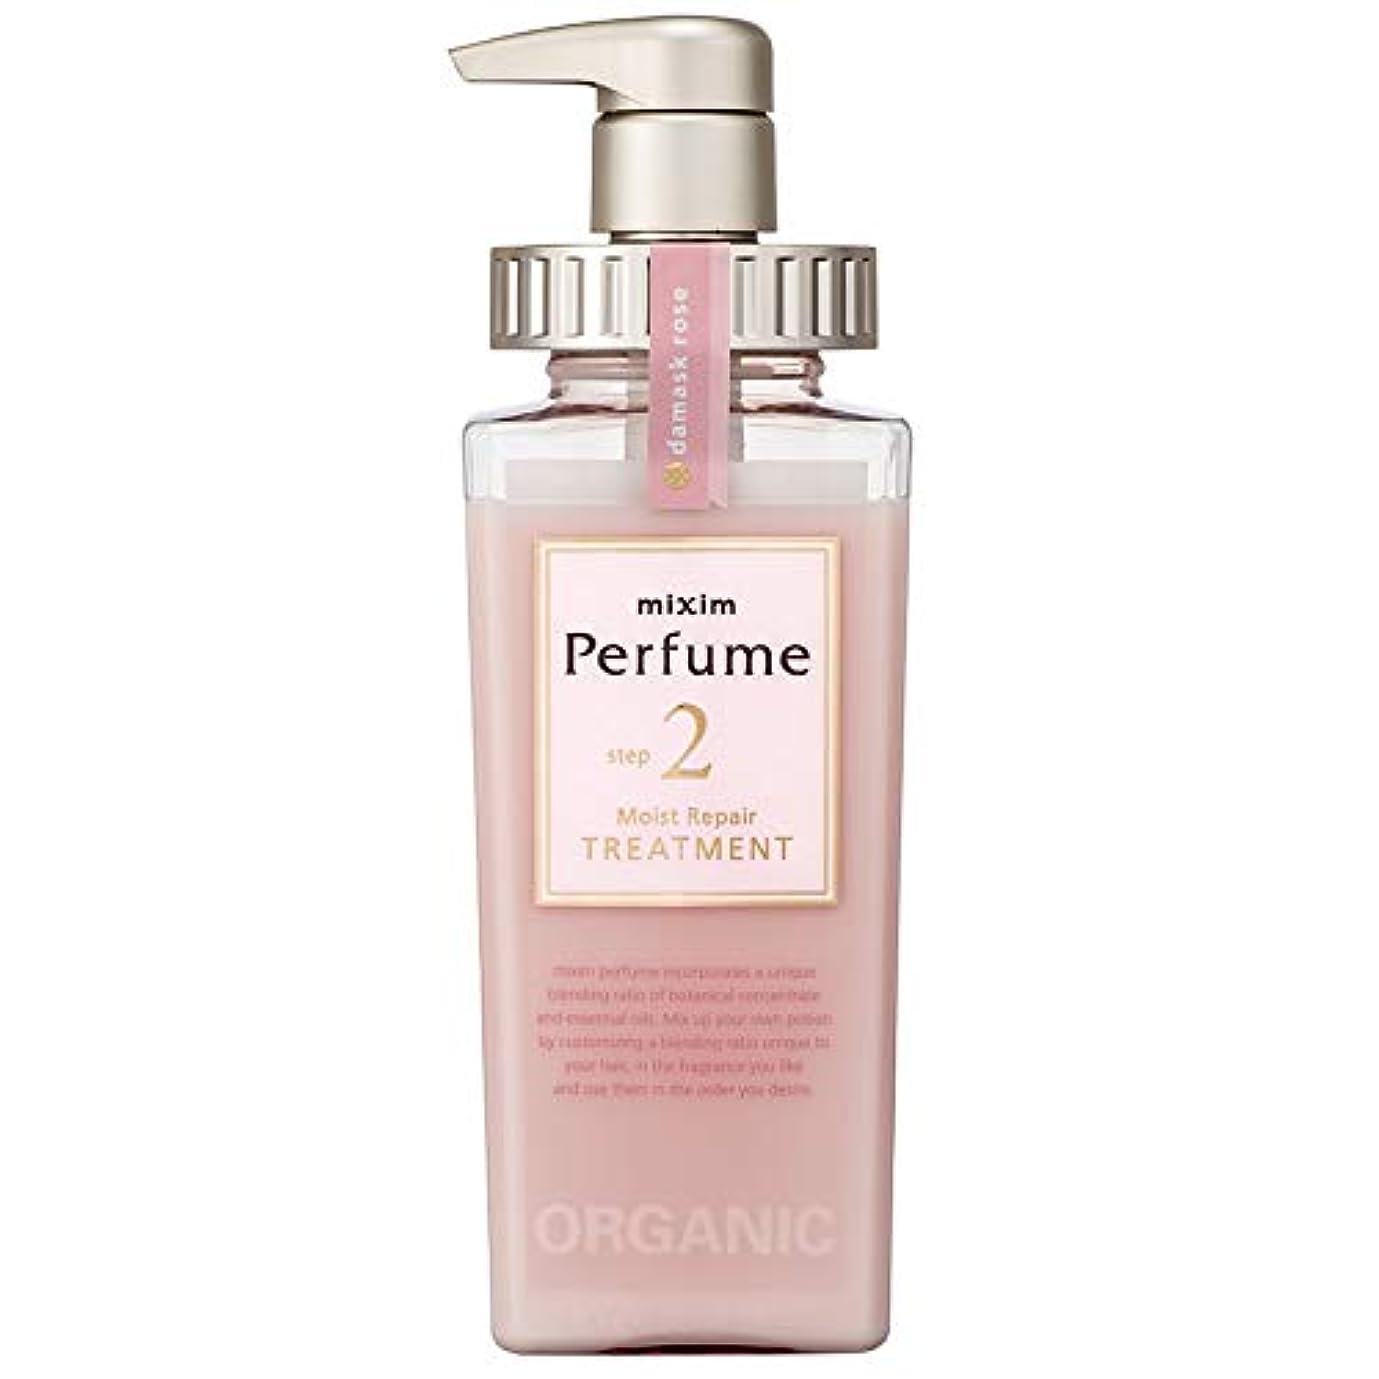 学士繊維究極のmixim Perfume(ミクシムパフューム) モイストリペア ヘアトリートメント 440g